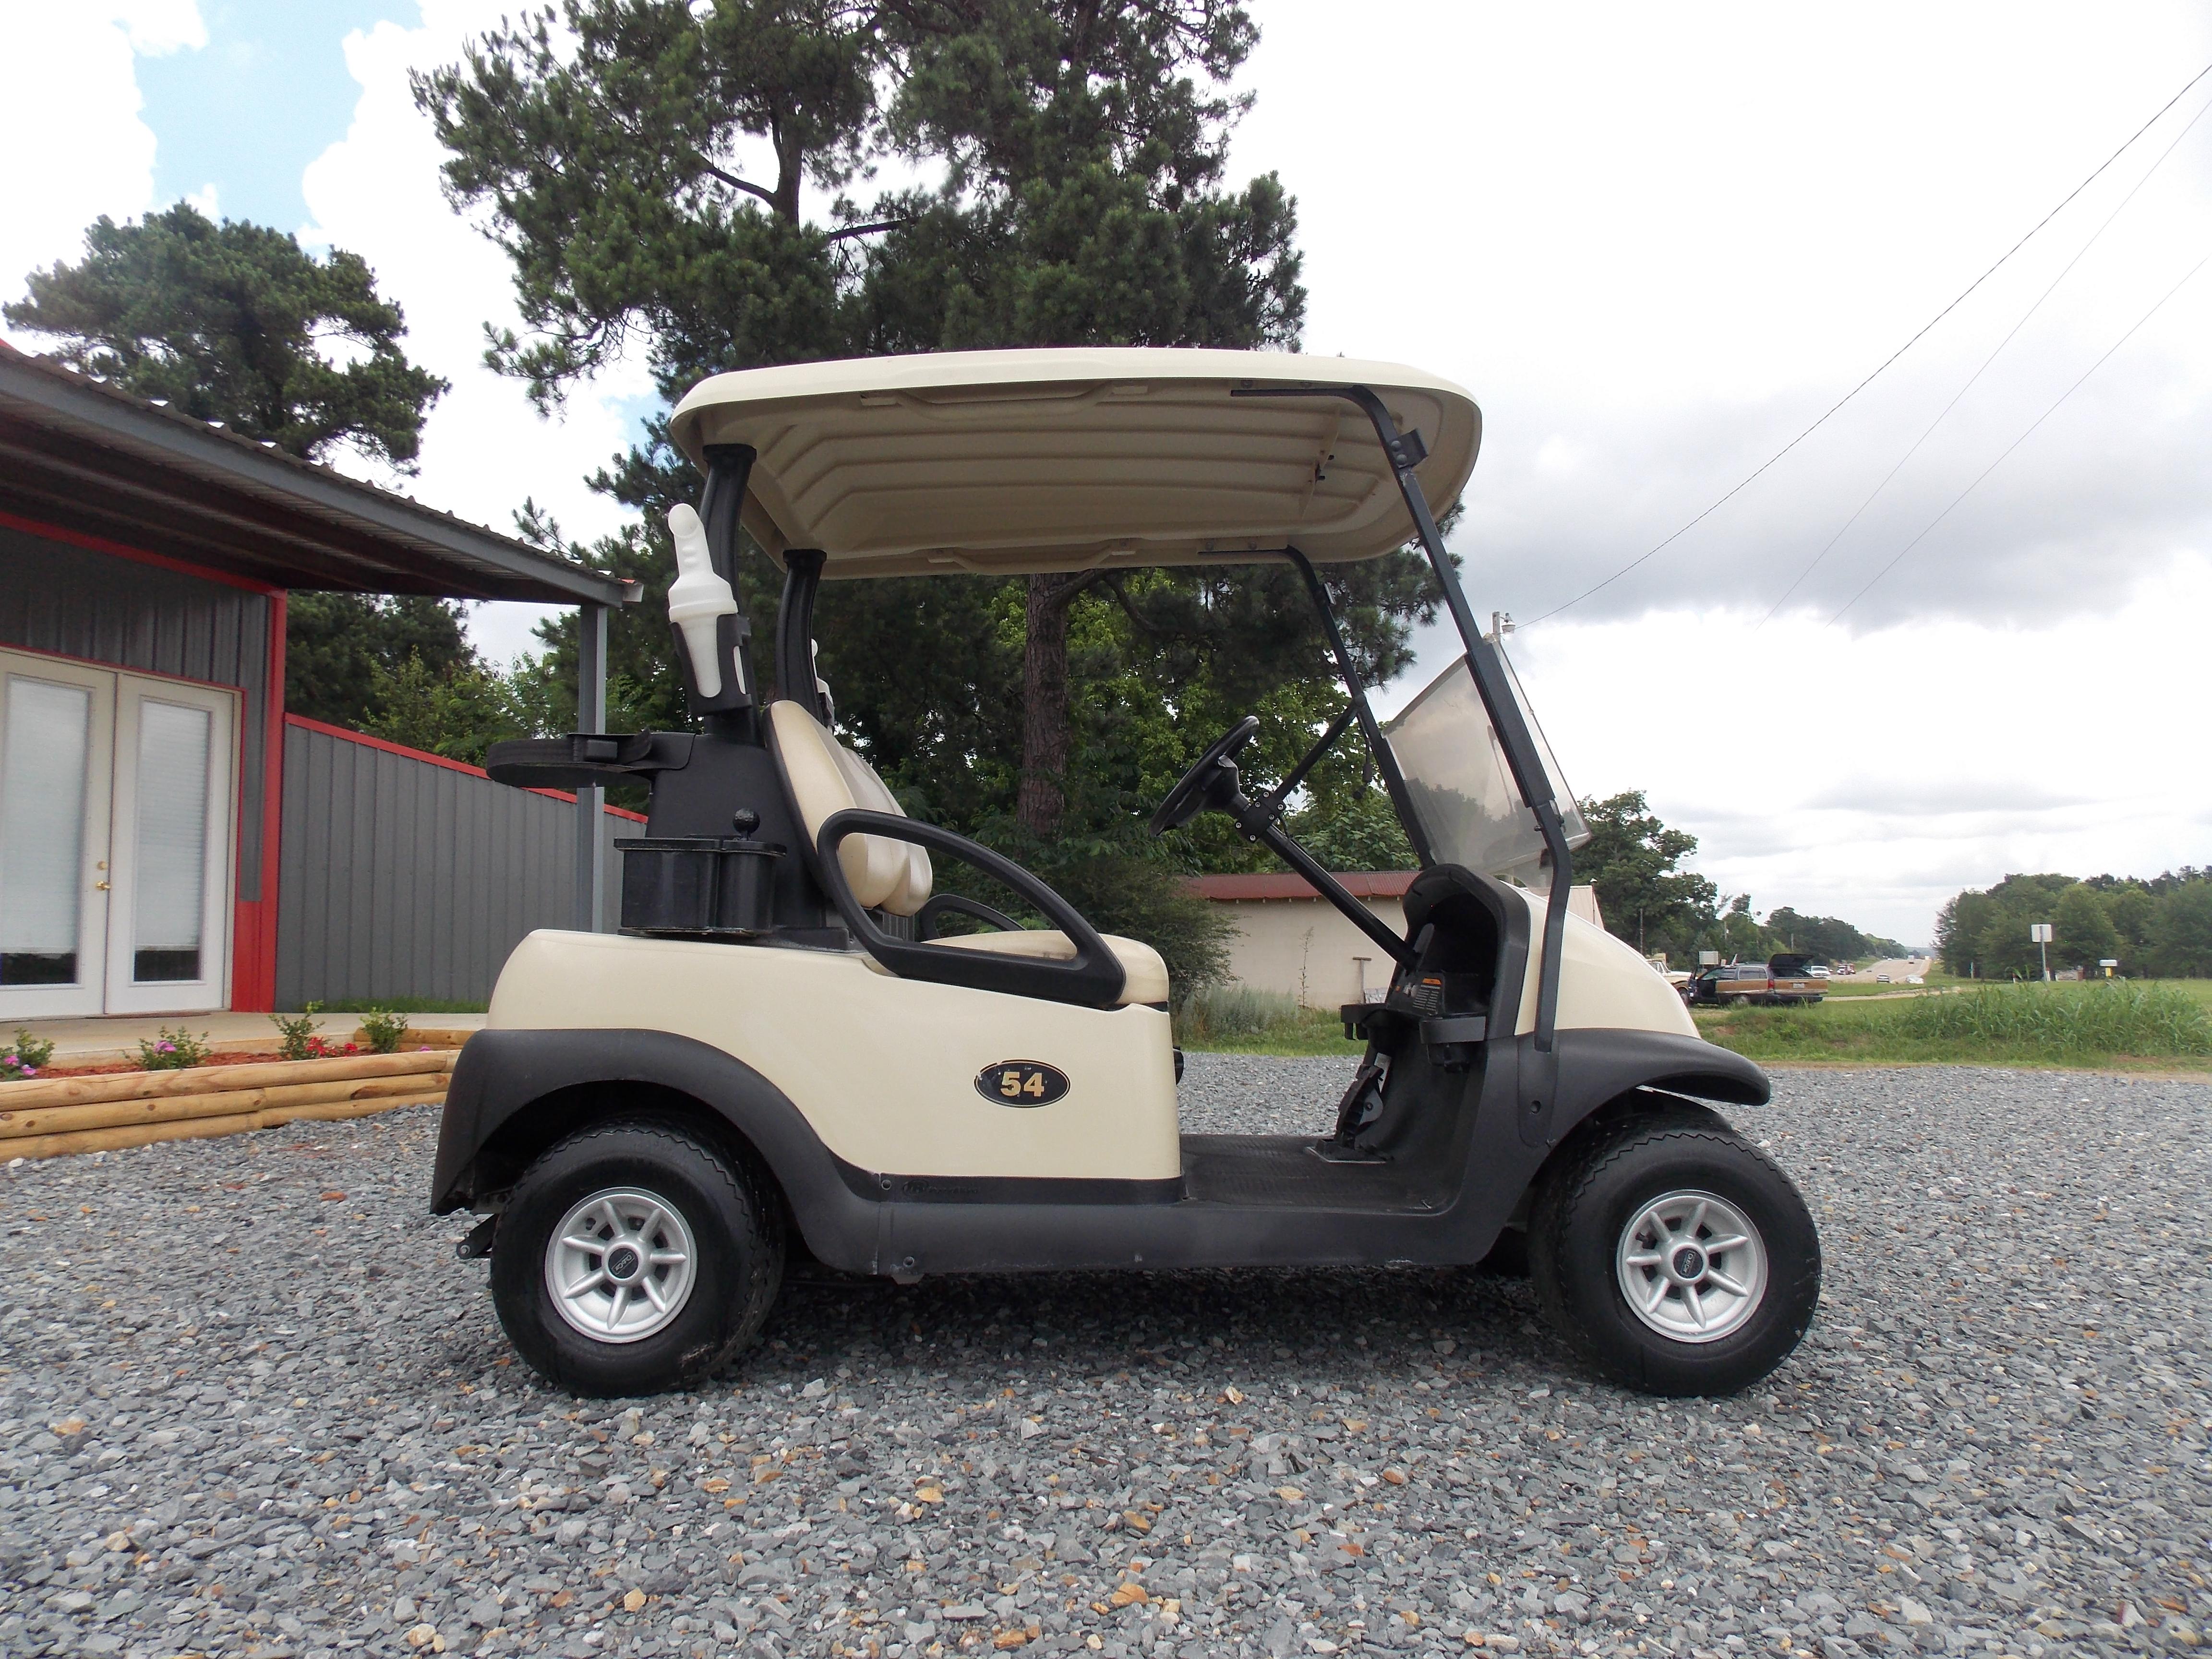 2015 Beige Club Car Precedent IQ 48V I2L Electric Golf Cart